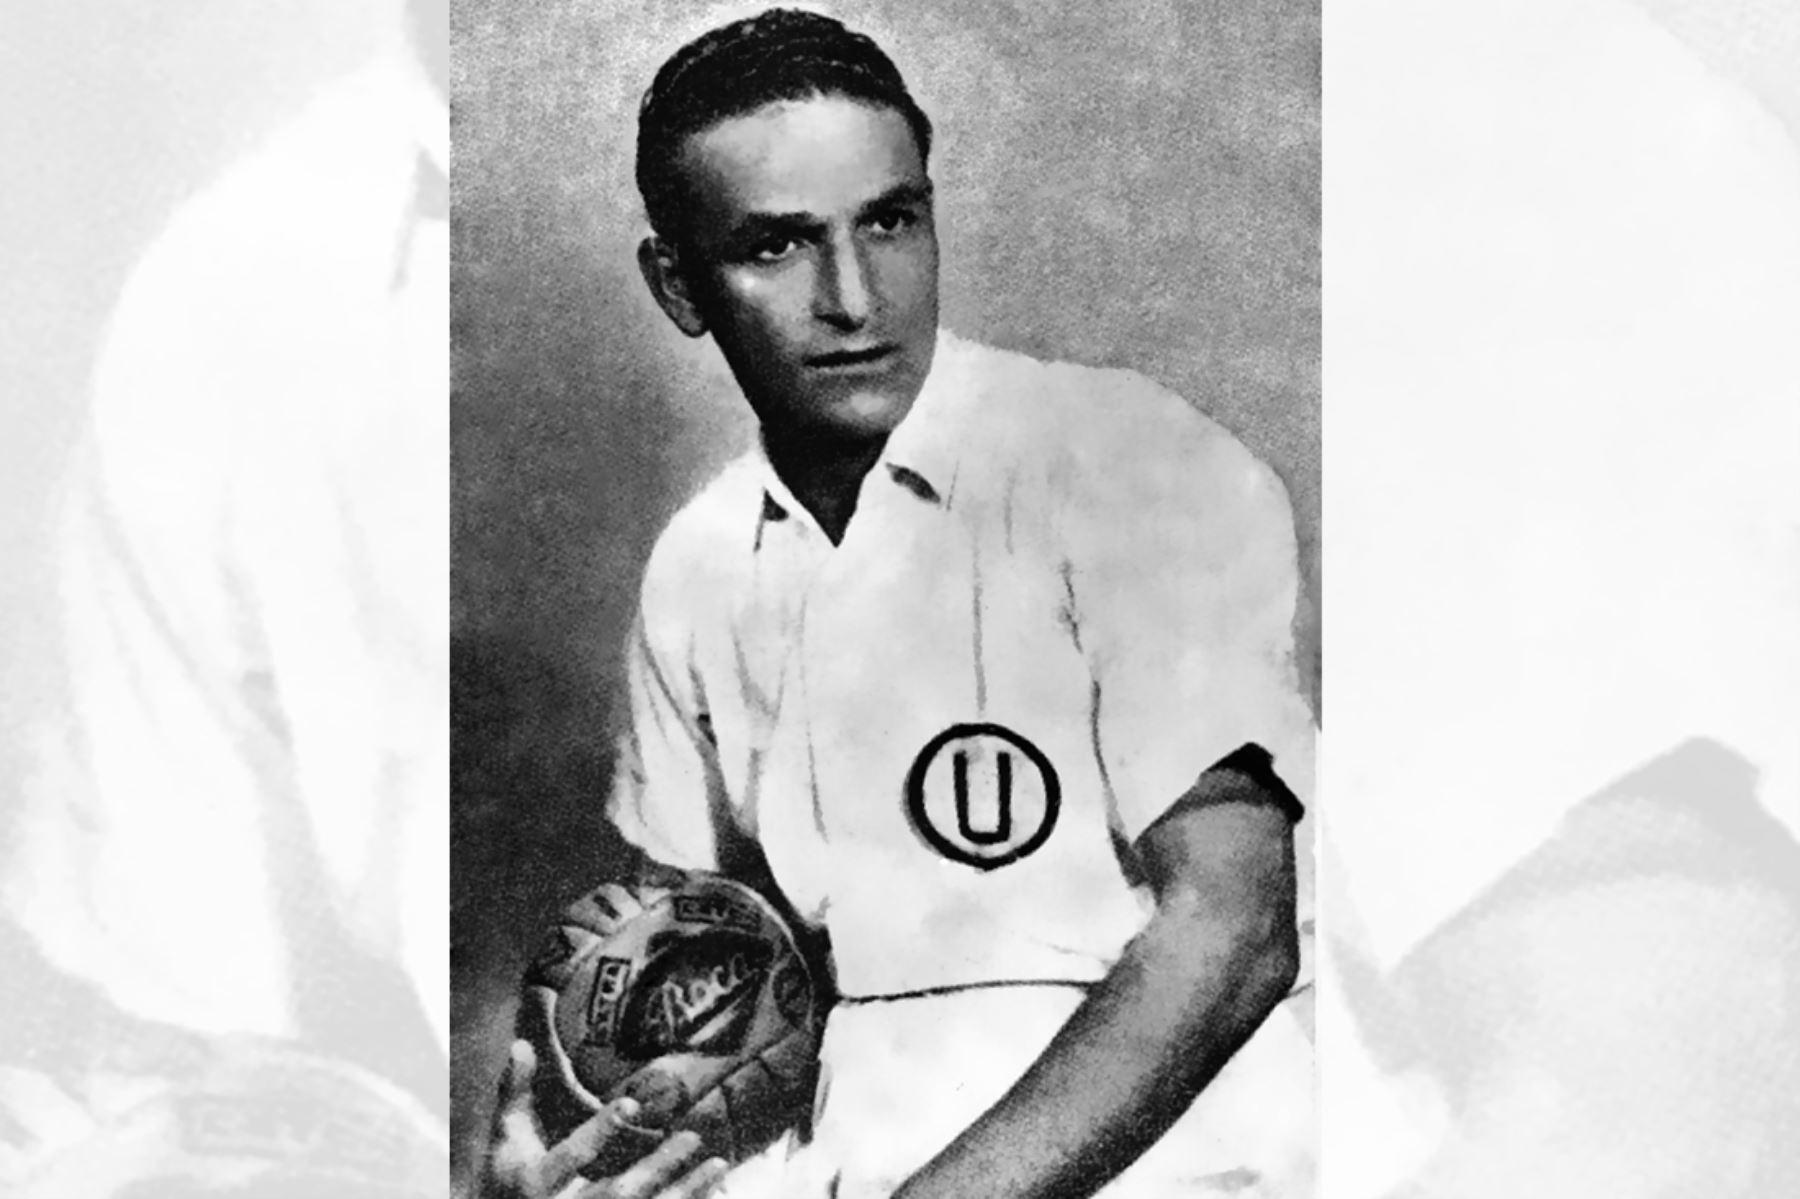 """Universitario 2 Teodoro """"Lolo"""" Fernández ídolo de Universitario de Deportes en los inicios de su carrera. Foto: Revista Universitario de Deportes 1948"""